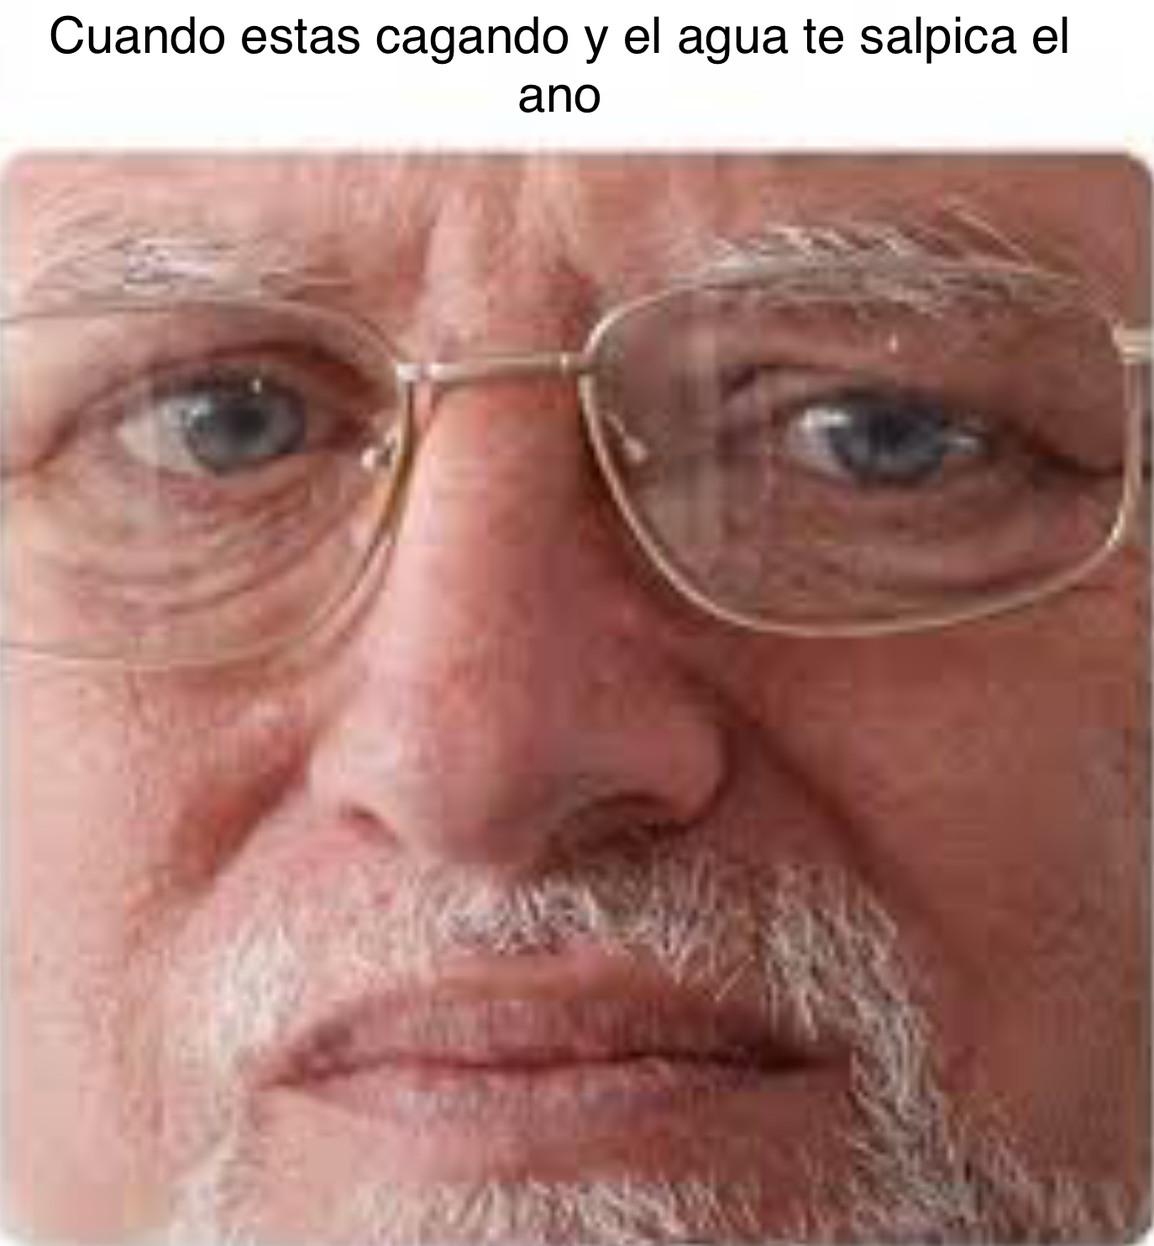 Me pasa a menudo - meme